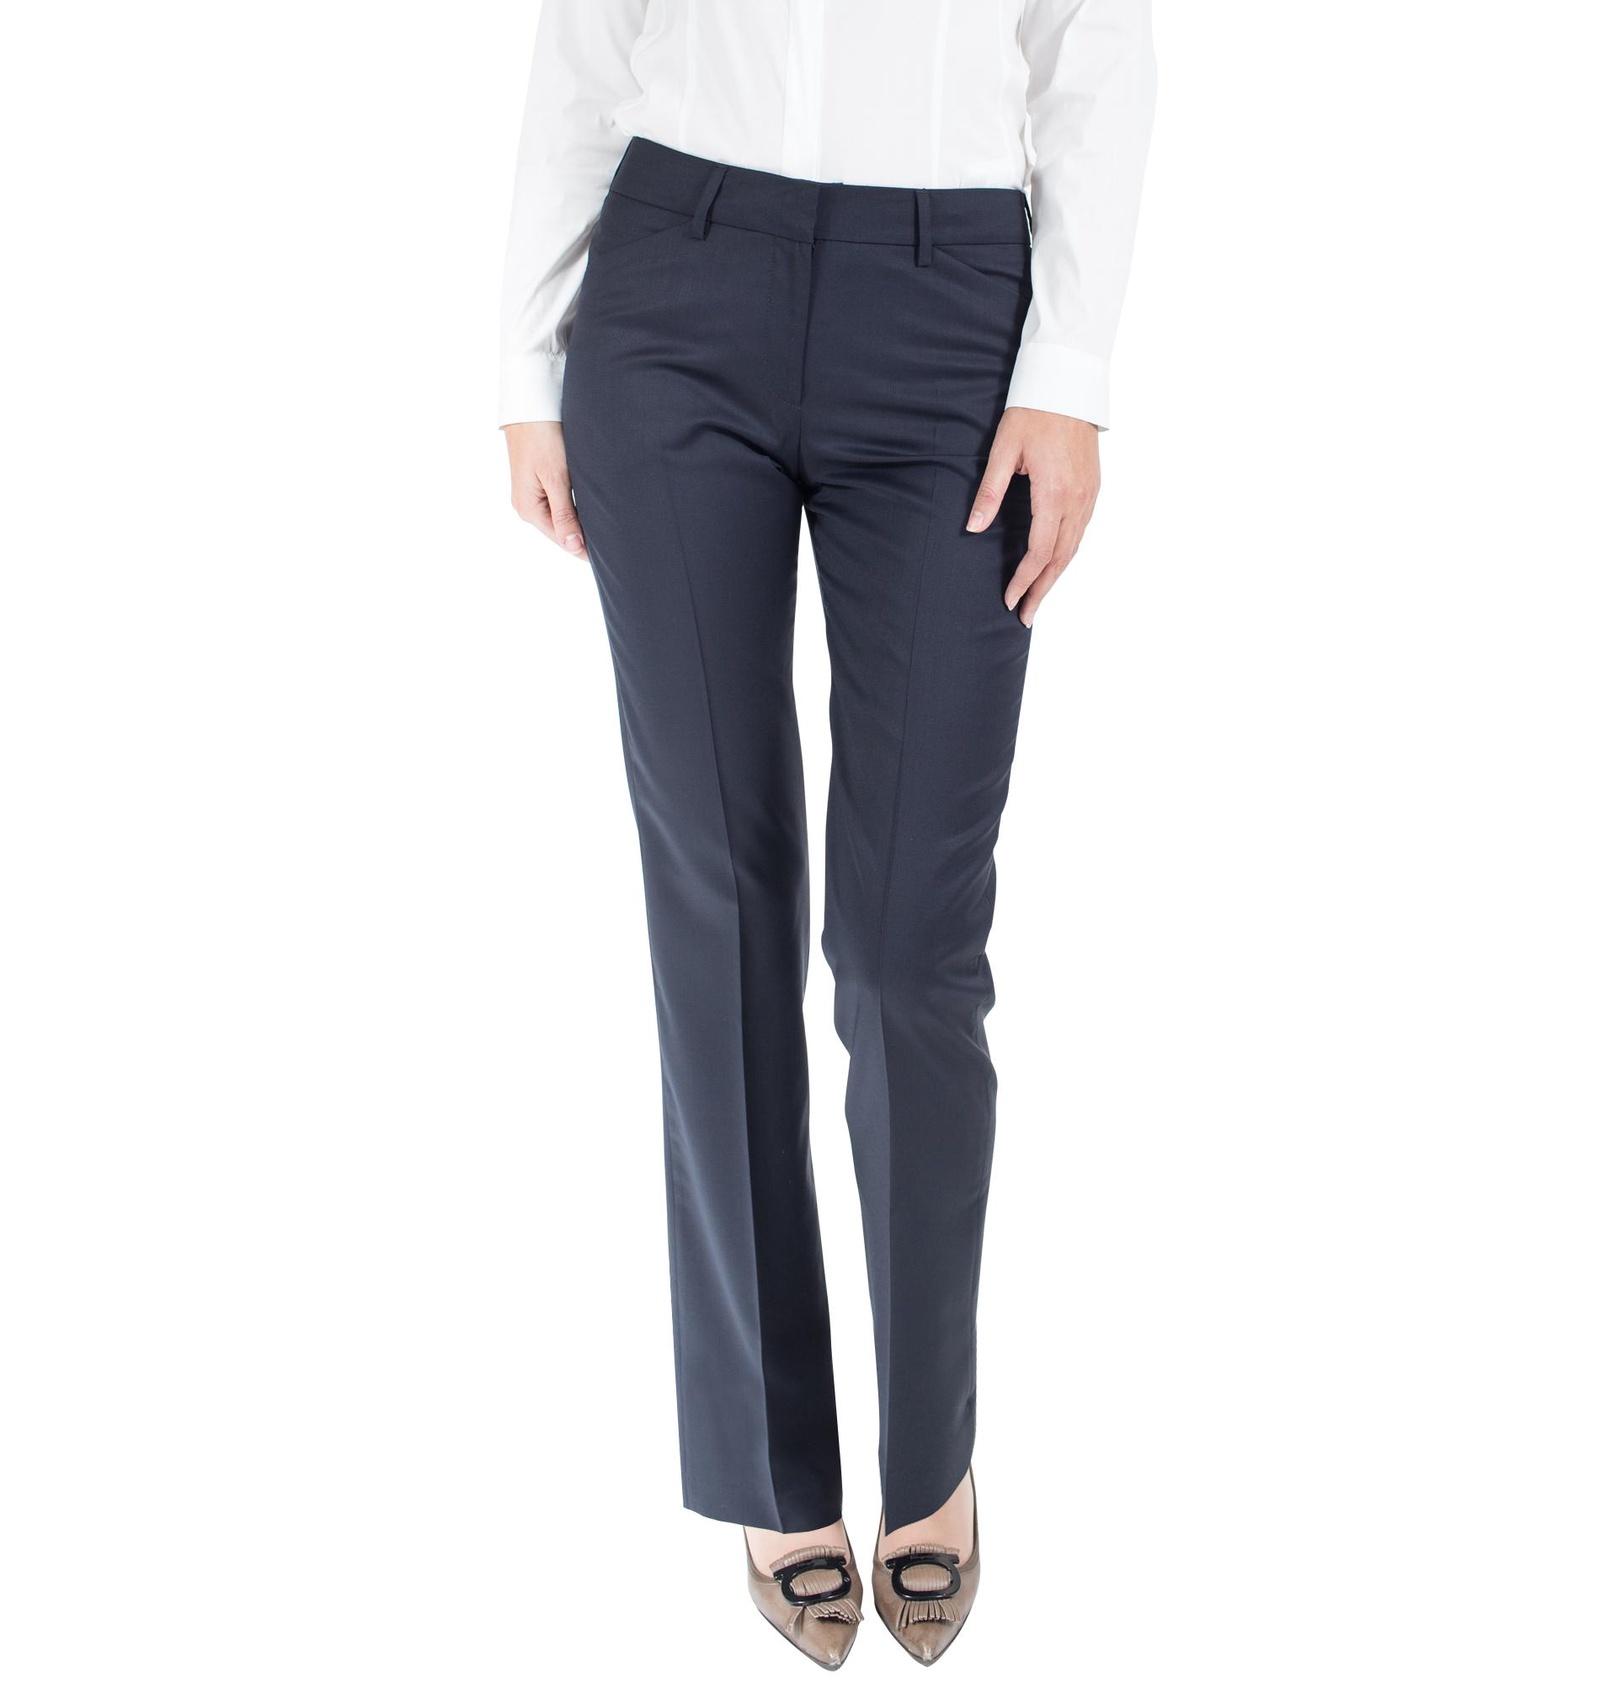 Брюки Colletto Bianco, синий 46 размер400182 CB 46 170Классические брюки из 100% шерсти от Marzotto.Комфортная посадка достигается за счет био-стретча (специальной крутки шерстяной нити).Крой немного заужен к низу, придает стройность и делает эти брюки универсальными.